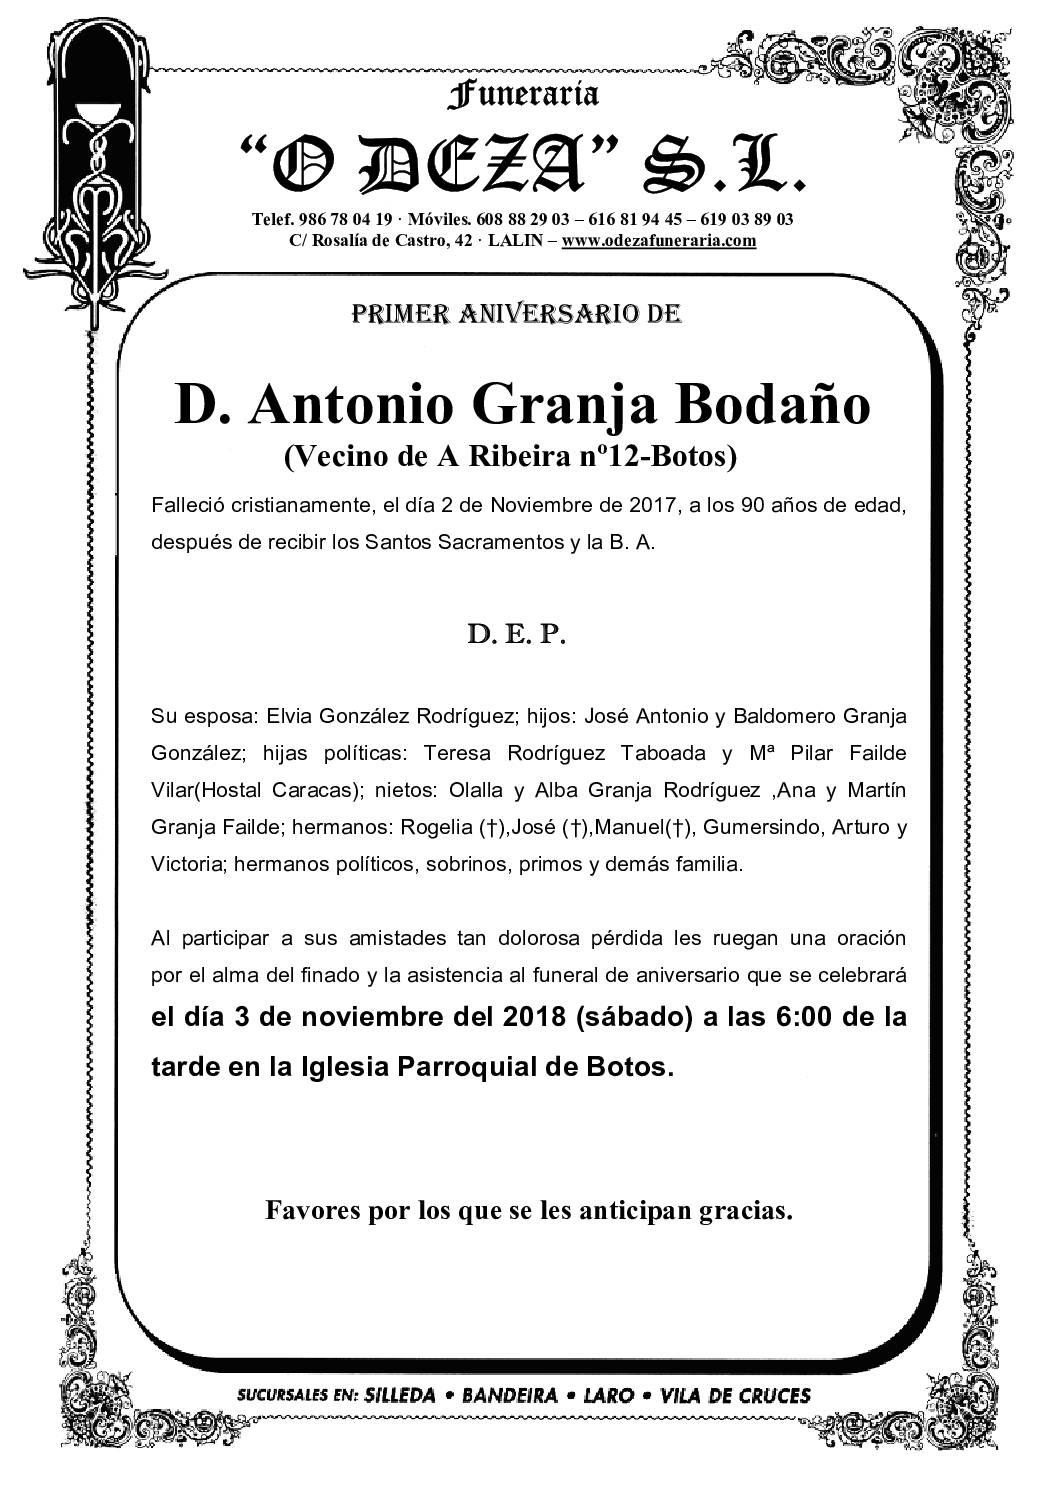 D. ANTONIO GRANJA BODAÑO